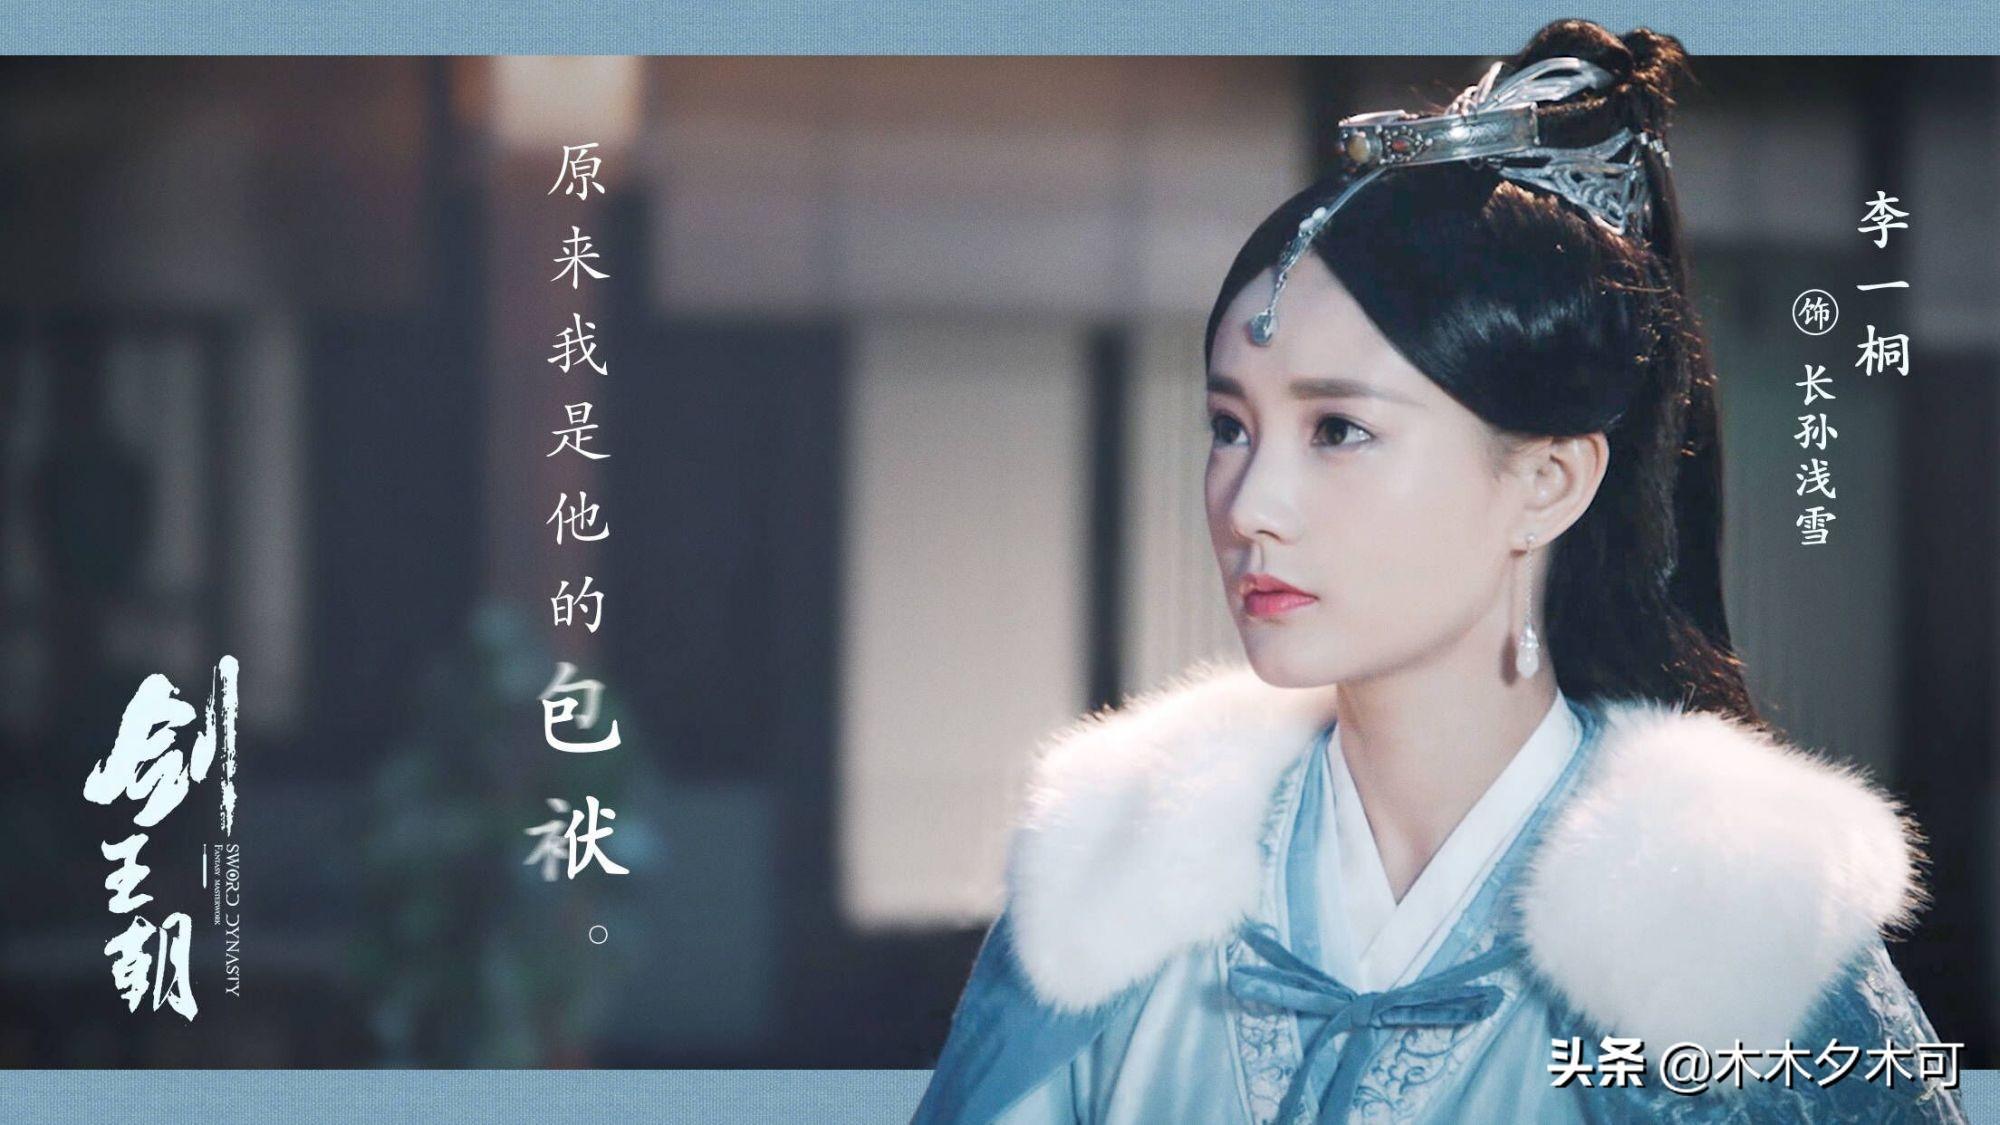 先后合作罗云熙任嘉伦,金晨杨蓉为她作配,下一个当家花旦?